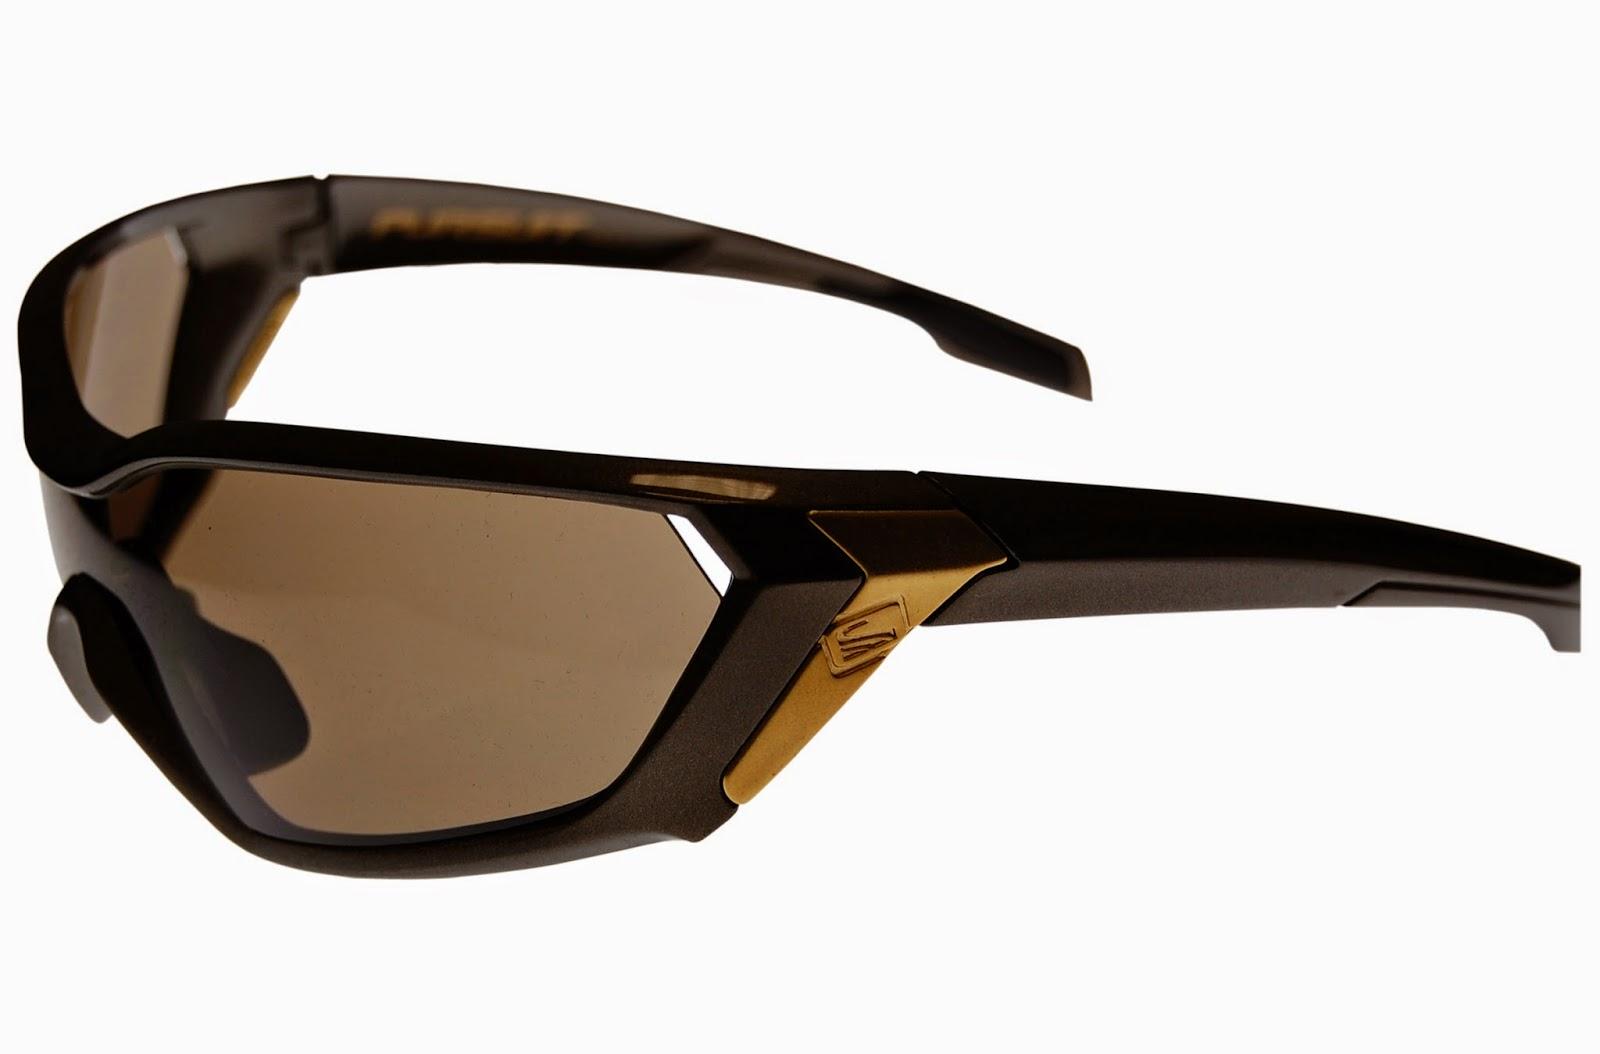 Óculos de ciclismo - Por que usar  - Pedala Floripa cda73b3a64352